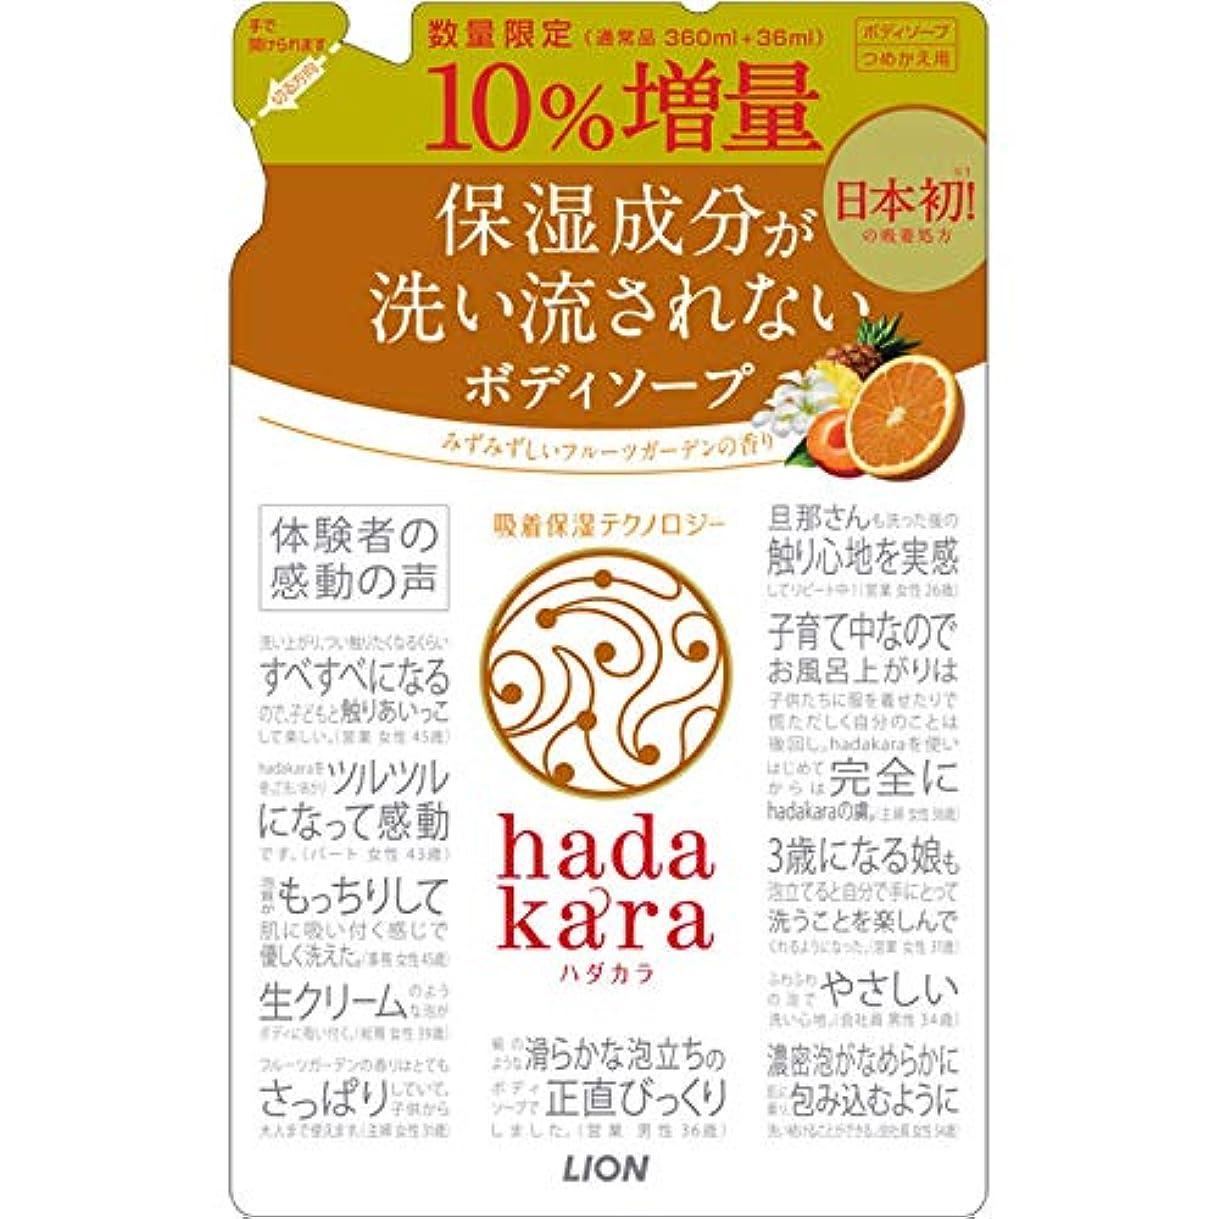 好奇心盛囲い不毛【数量限定】hadakara(ハダカラ) ボディソープ フルーツガーデンの香り つめかえ用 10%増量 396ml